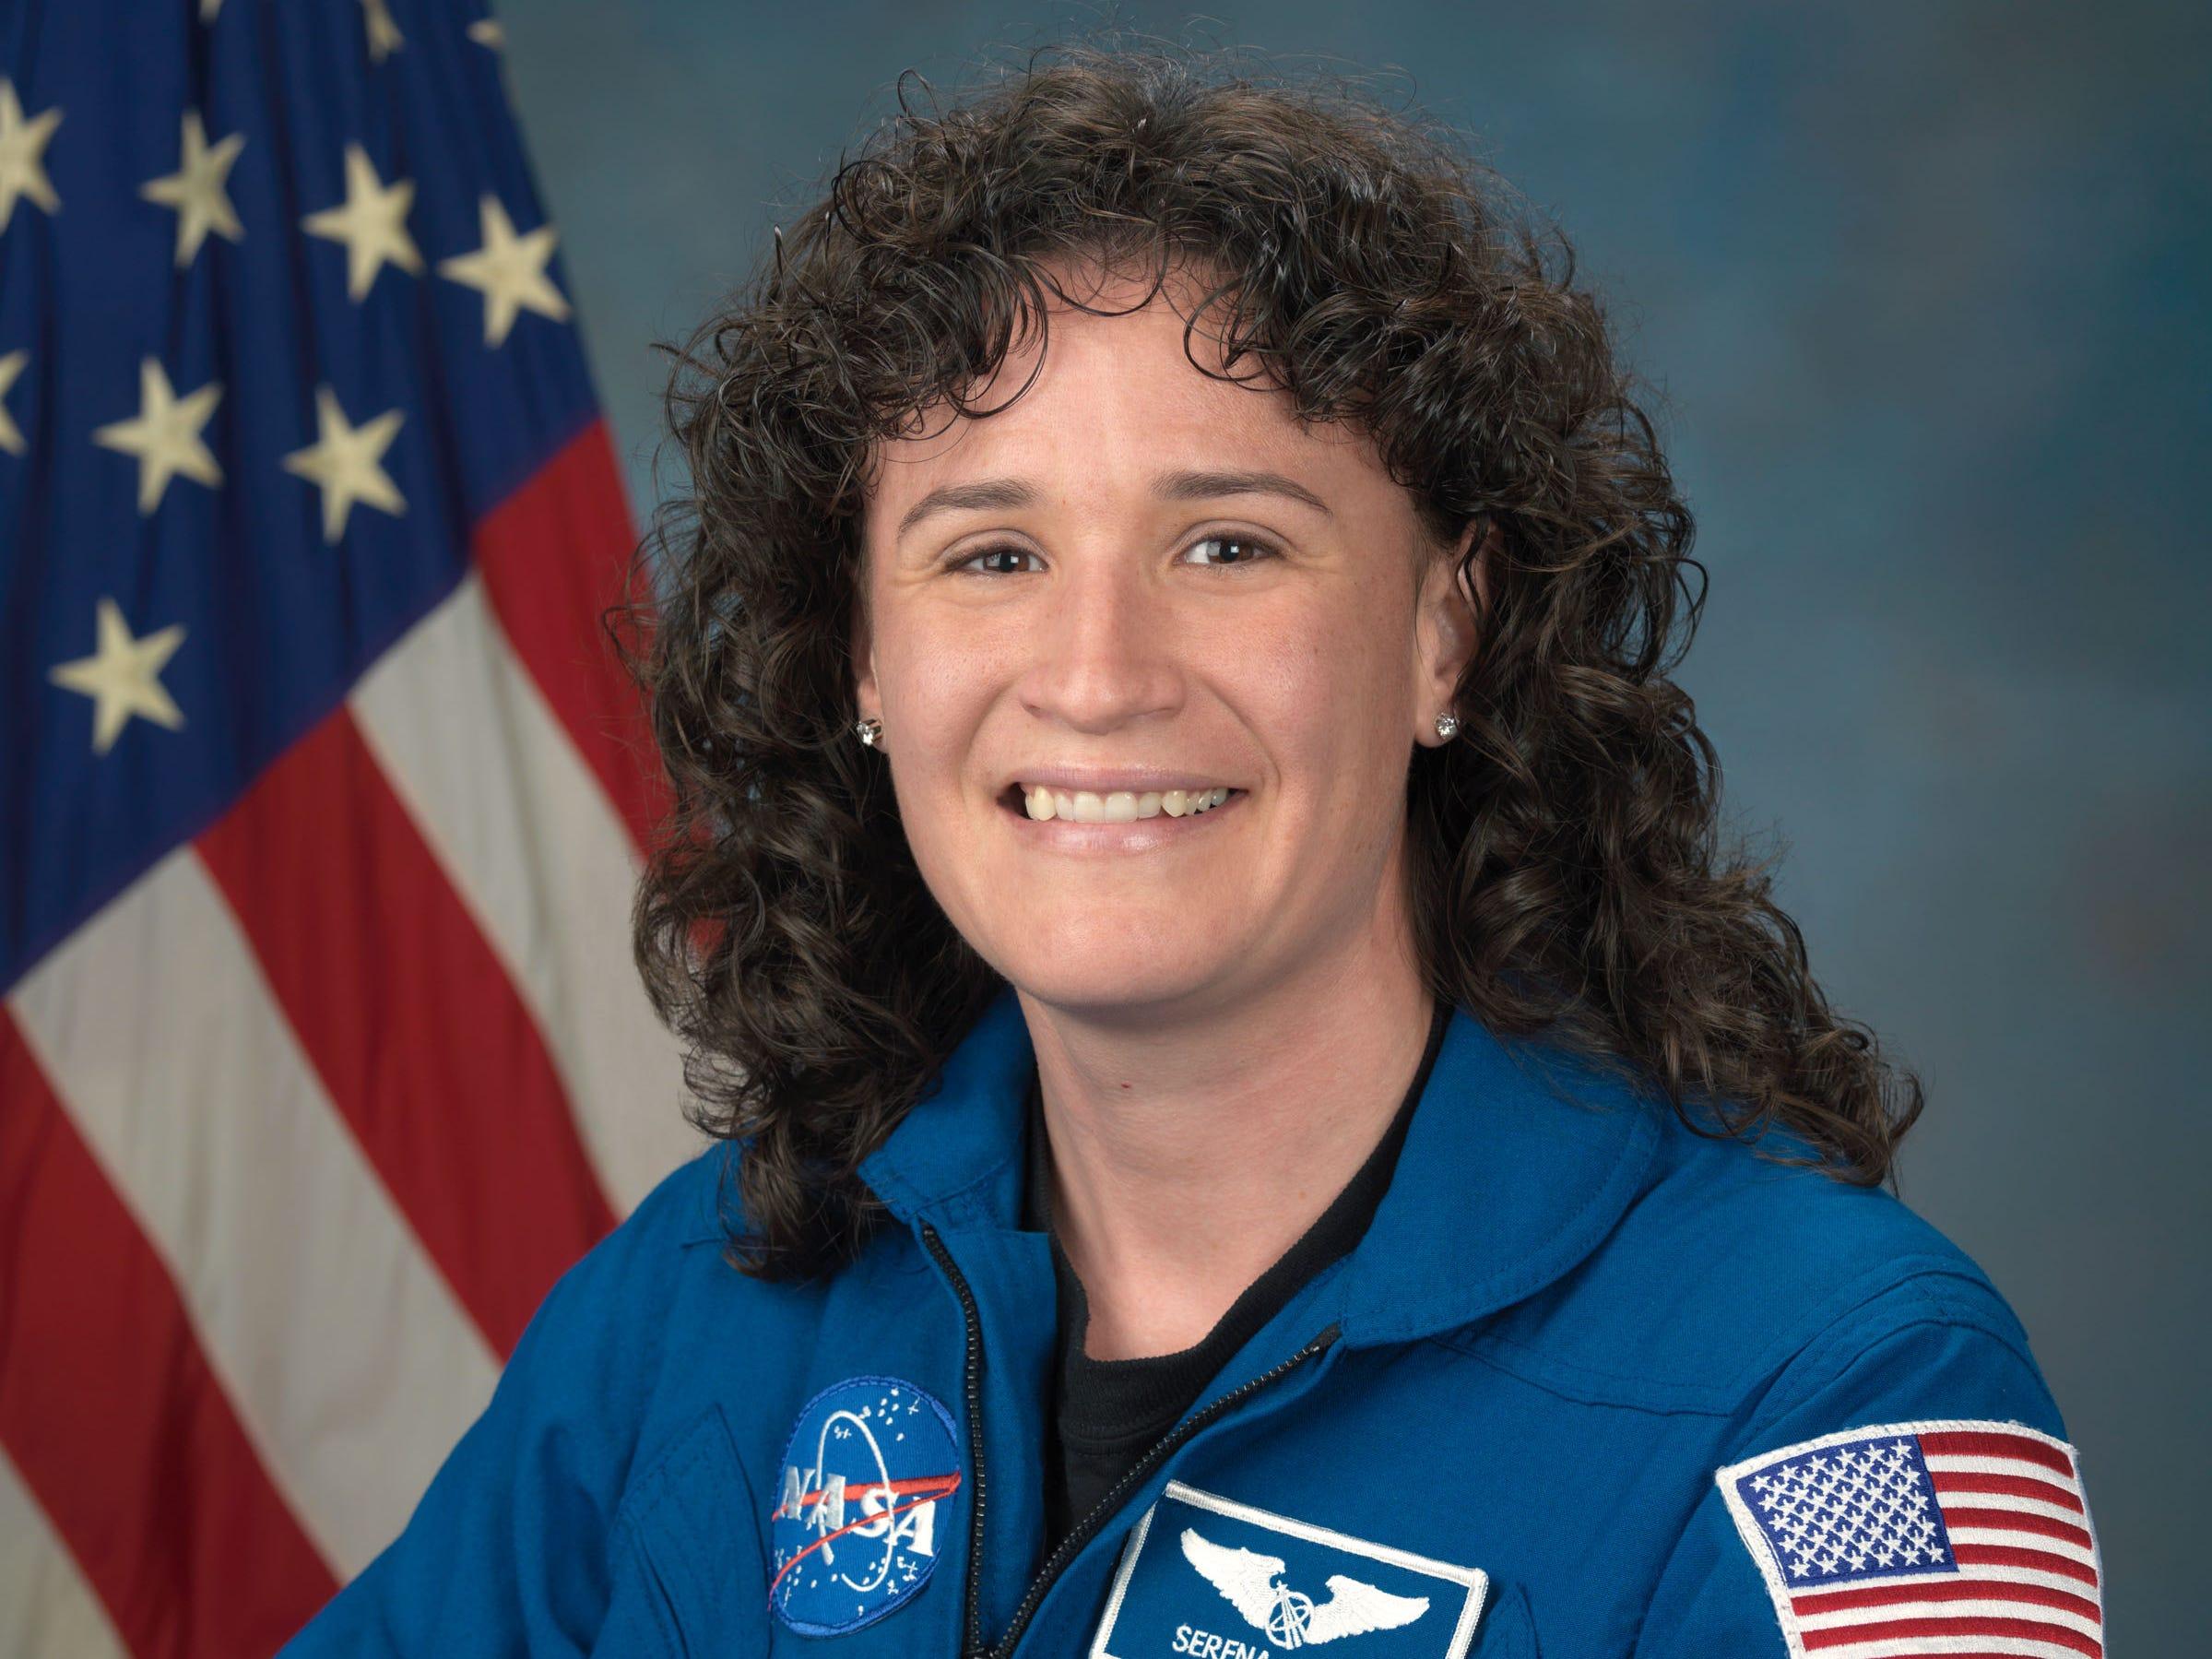 Astronaut Dr. Serena Auñón-Chancellor